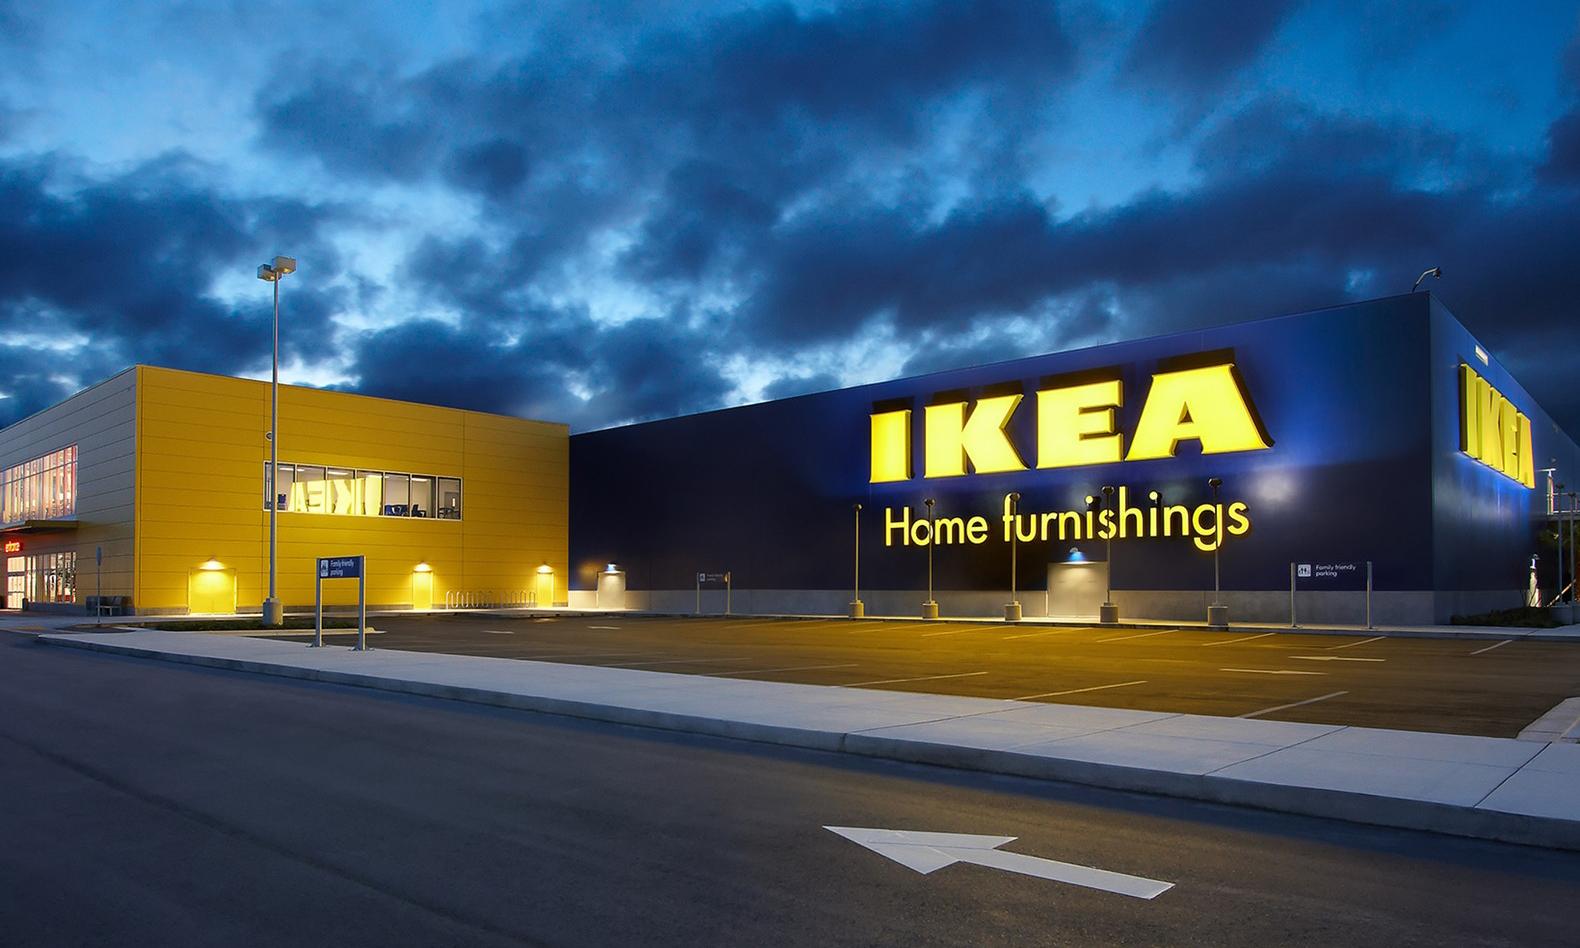 IKEA 即将开始通过第三方零售商销售家具